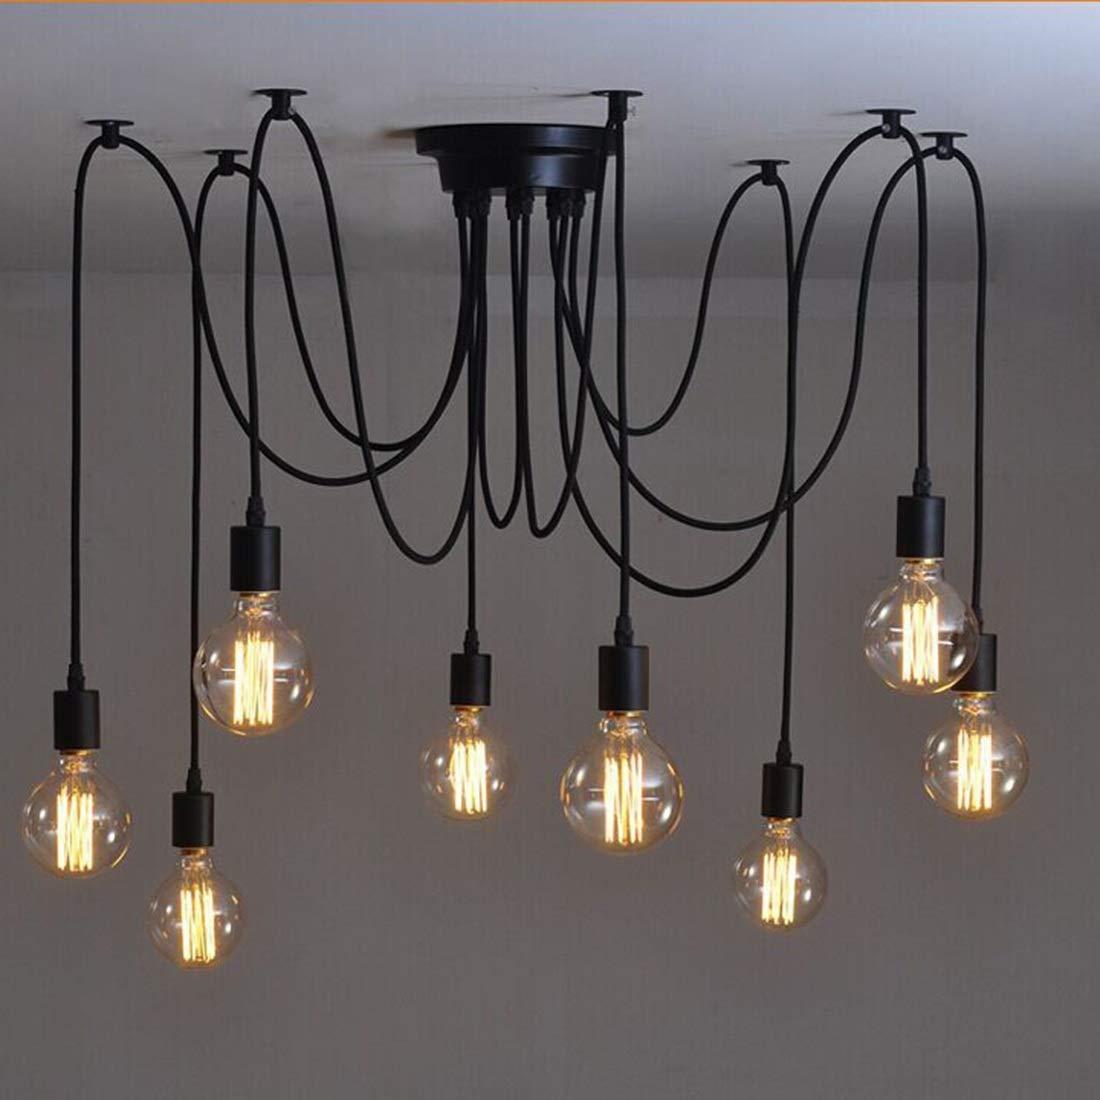 KARTELEI E27 Loft Antiken Kronleuchter Industrielle Esszimmer Licht Einstellbare DIY Deckenleuchte Pendelleuchte Adapter Keine Lampen (Farbe   6 Heads, Größe   1.5m)